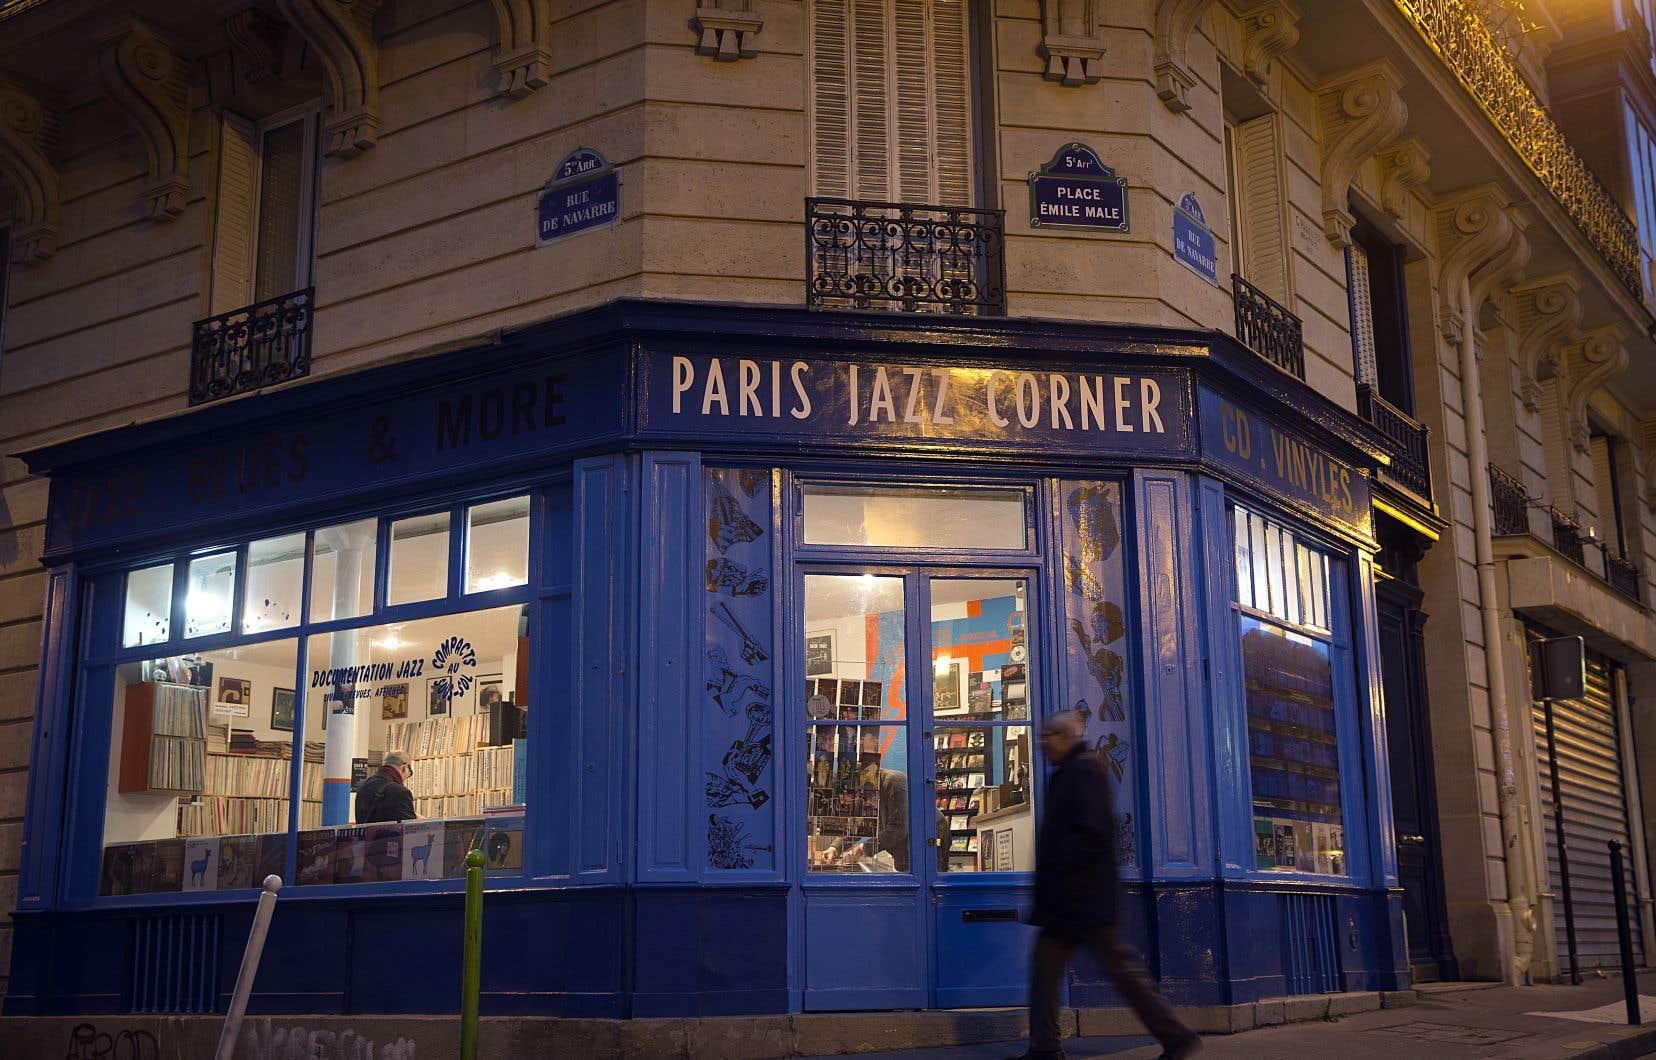 Au Paris Jazz Corner, magasin situé entre le Jardin des plantes et la place de la Contrescarpe ne vend, comme son nom l'indique, que du jazz et seulement du jazz. Tout le rez-de-chaussée est archidominé par les vinyles, les CD ayant été rassemblés au sous-sol.